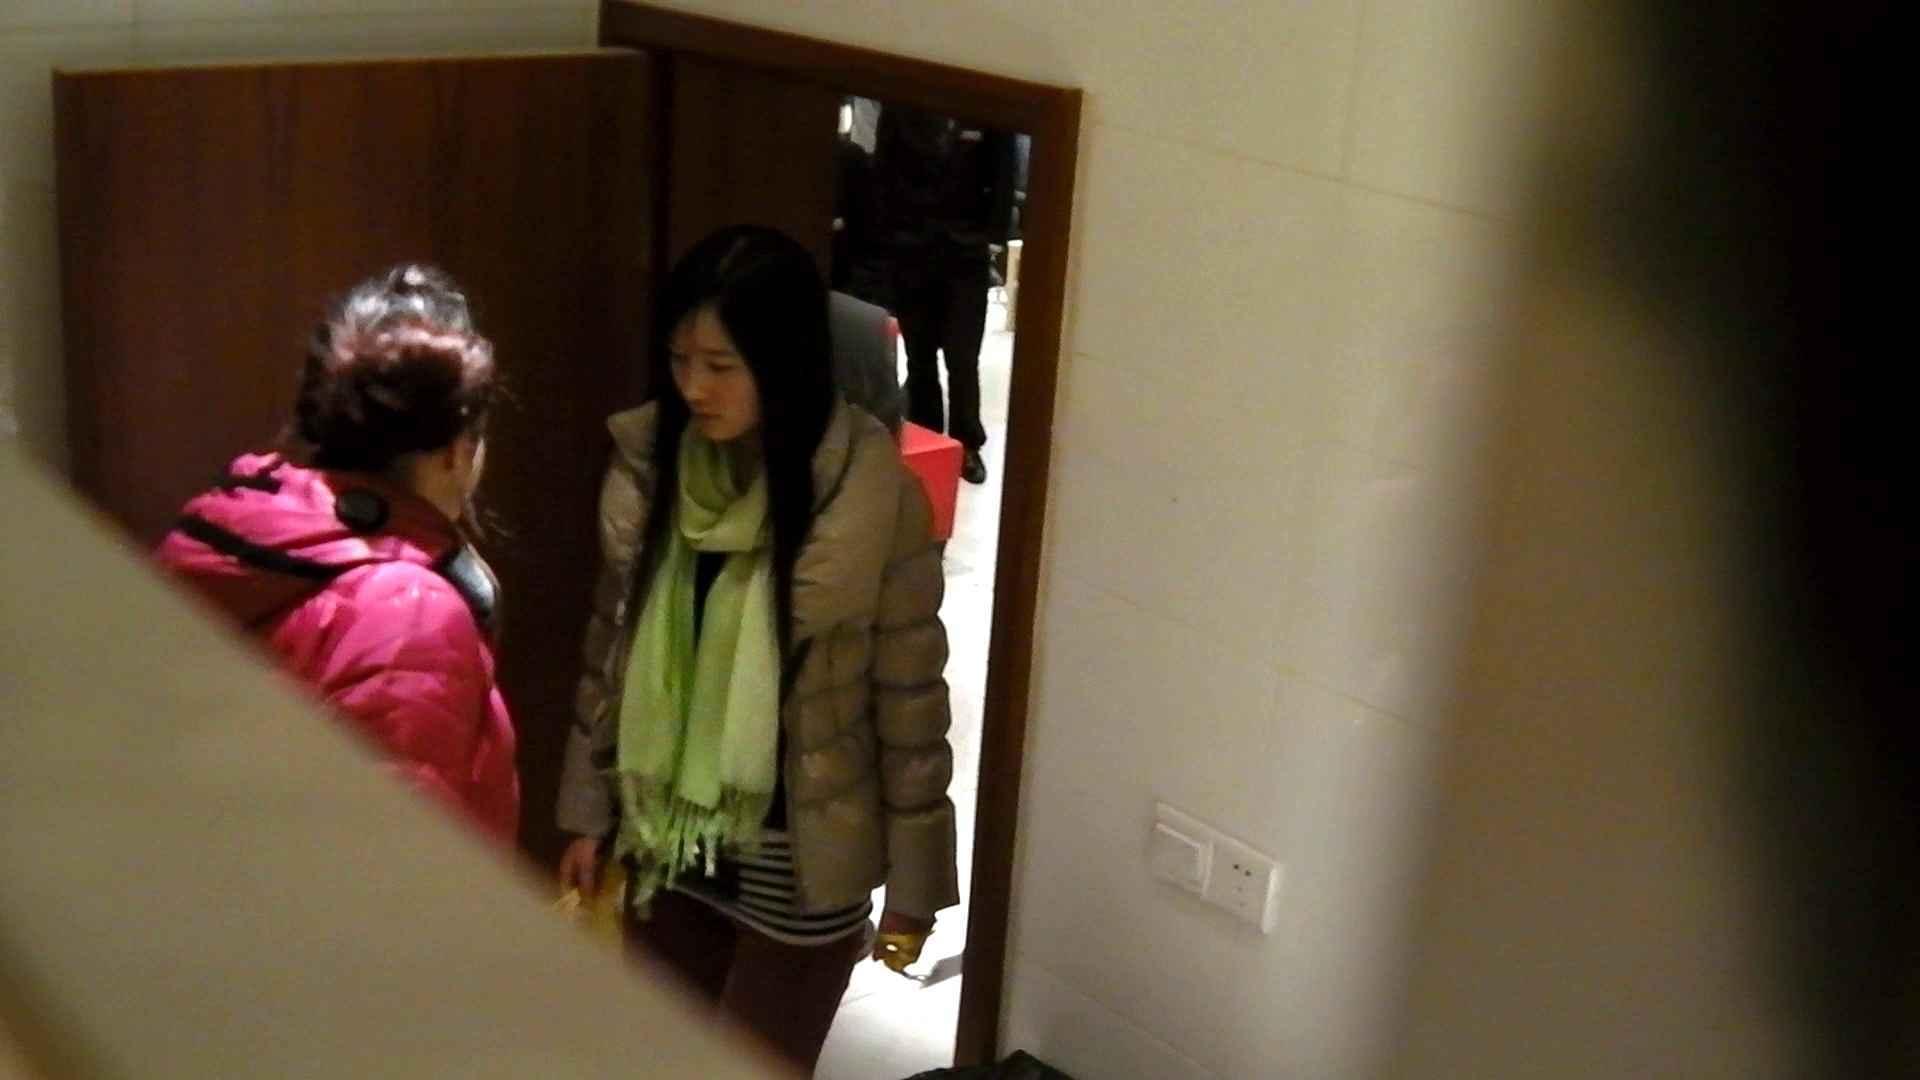 洗寿観音さんの 化粧室は四面楚歌Nol.4 洗面所 | 色っぽいOL達  104pic 27